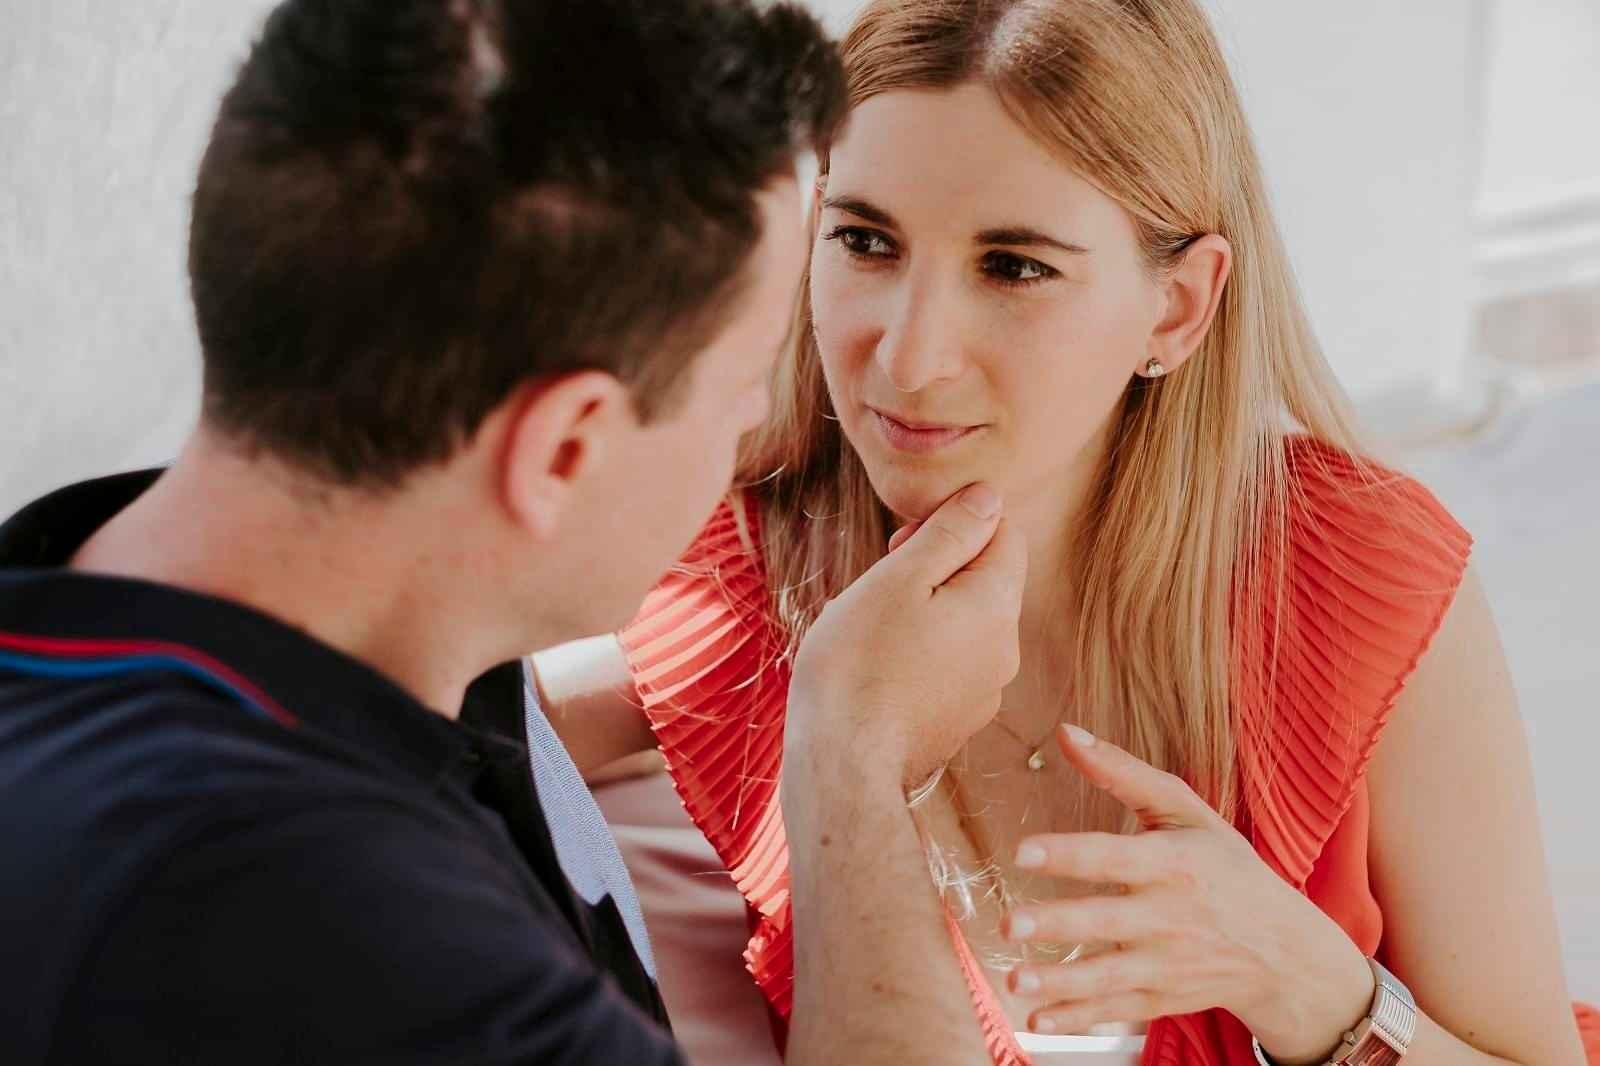 come conquistare un uomo, roberta borsari, amore, abbondanza, relazione di coppia, life coaching